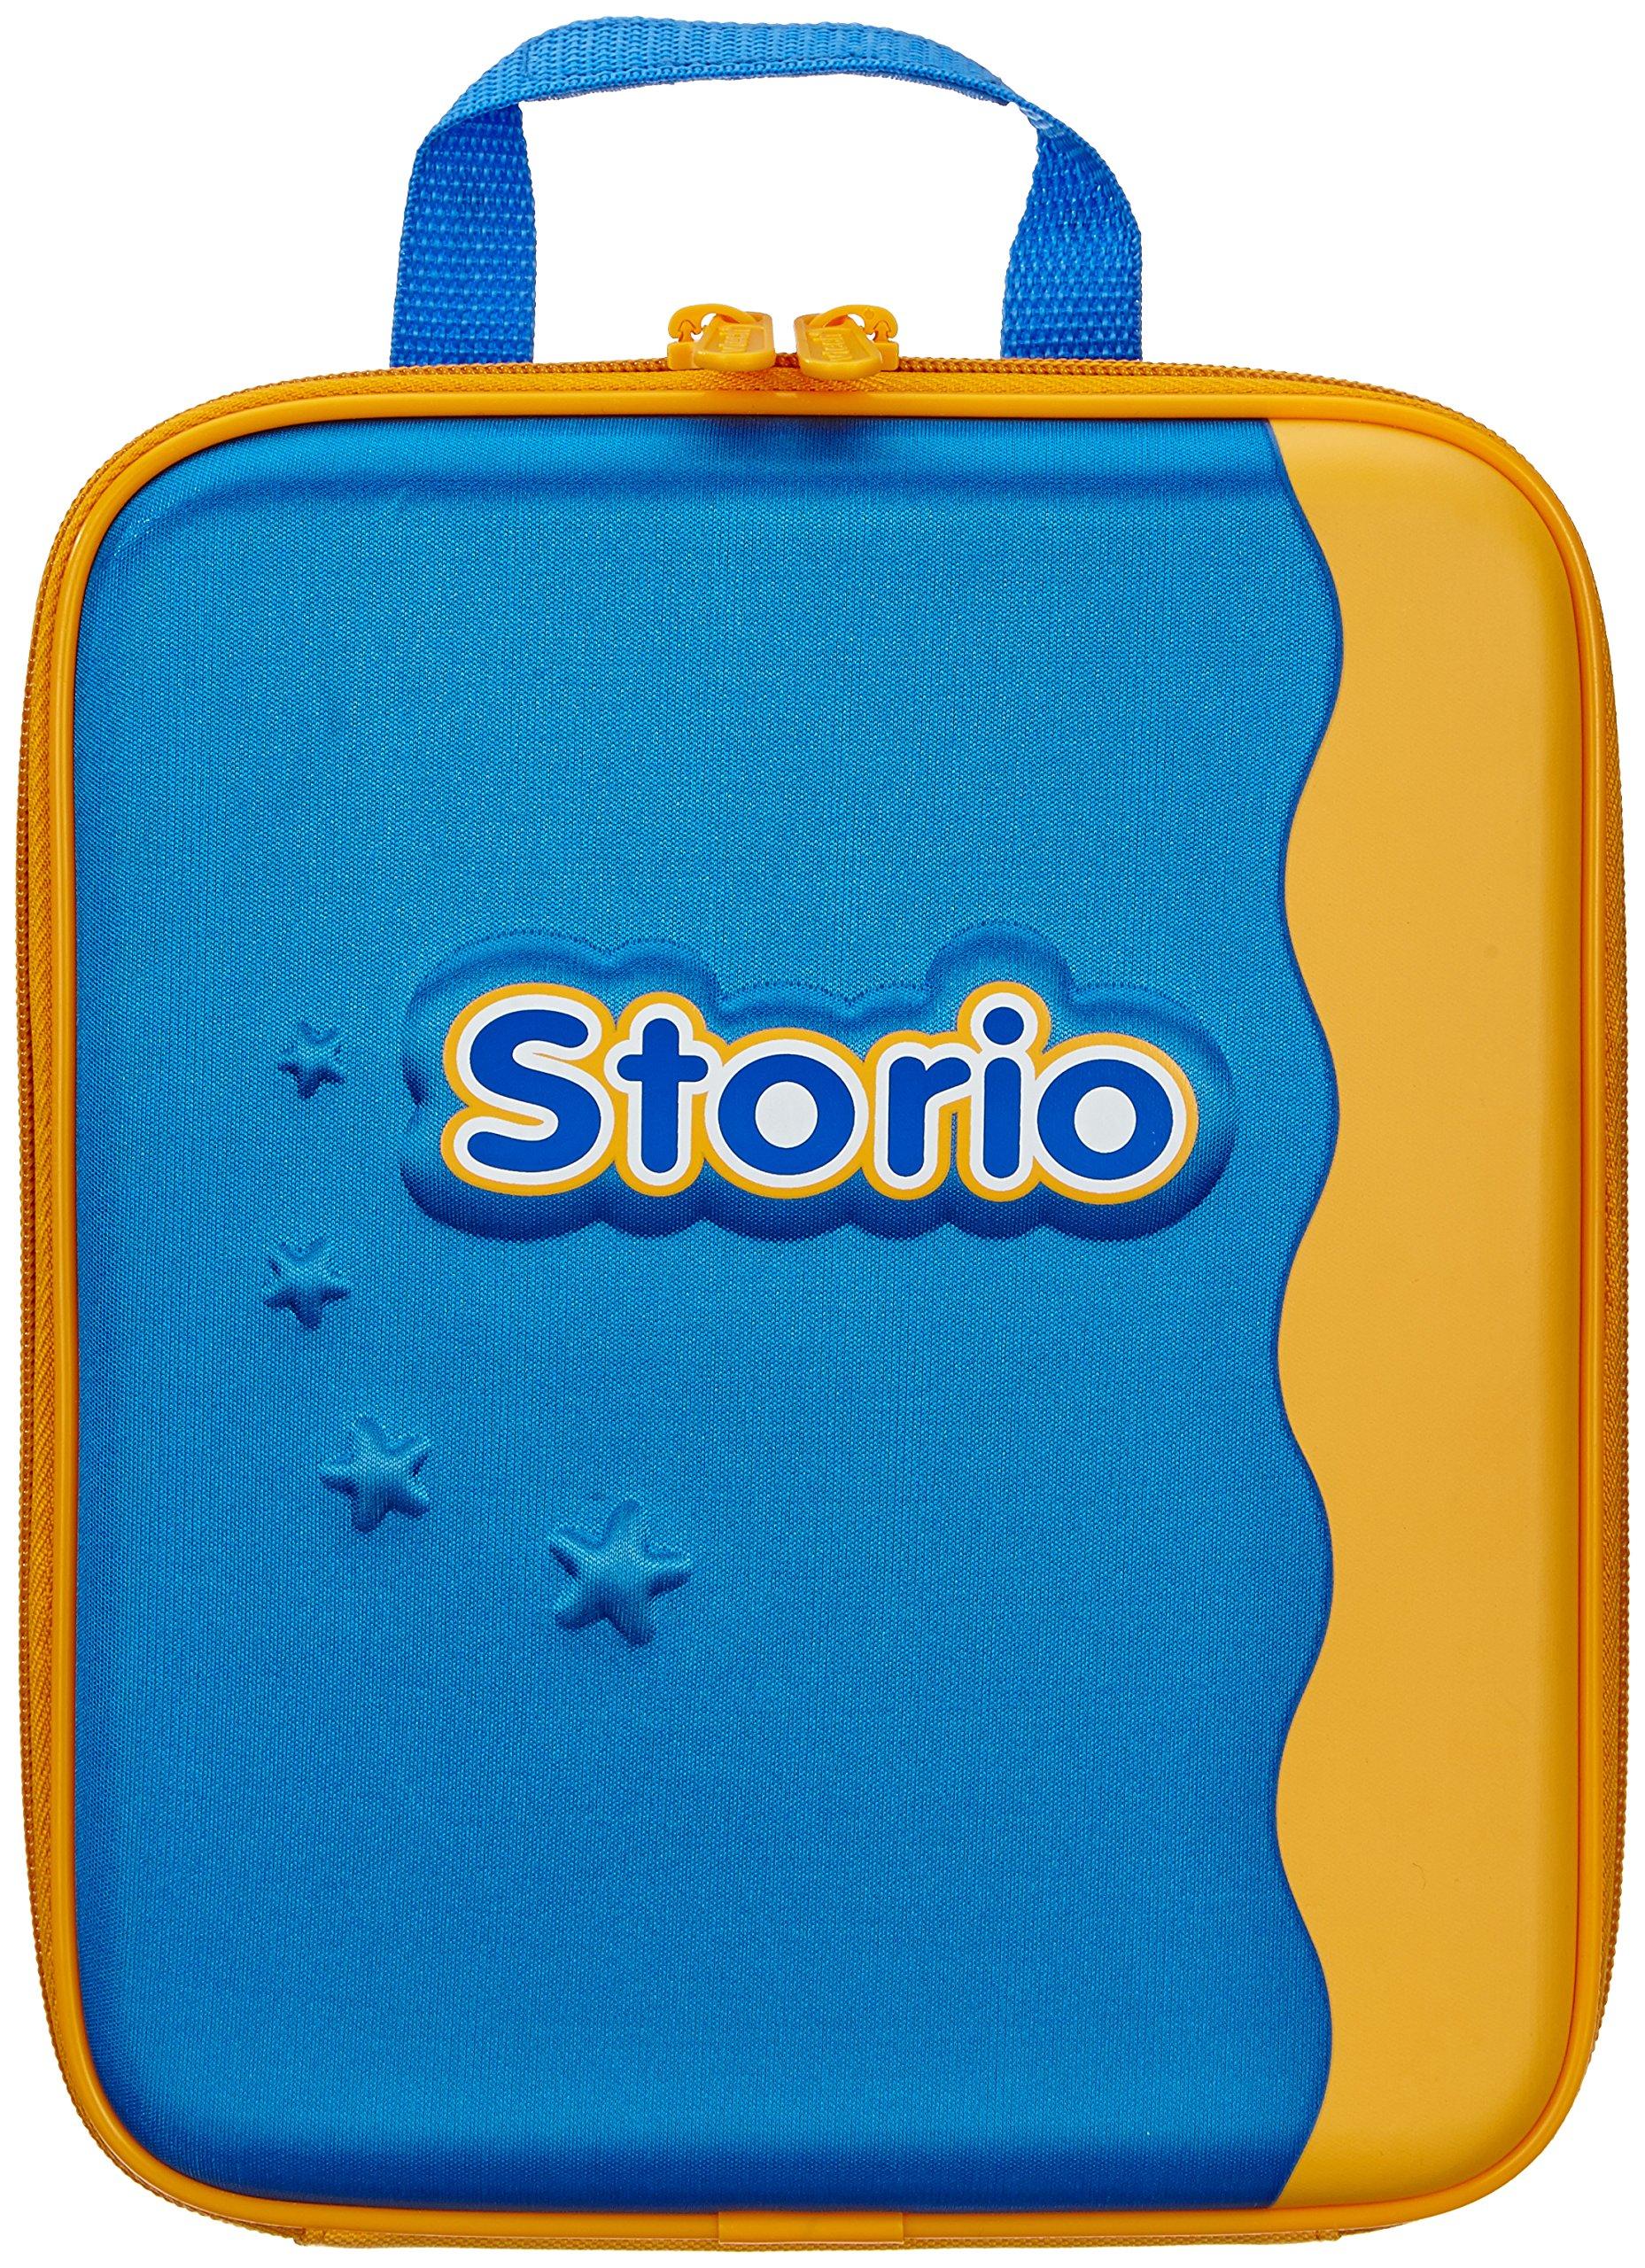 VTech - 200849 - Jeu Educatif Electronique - Storio - Sac à Dos - Bleu product image